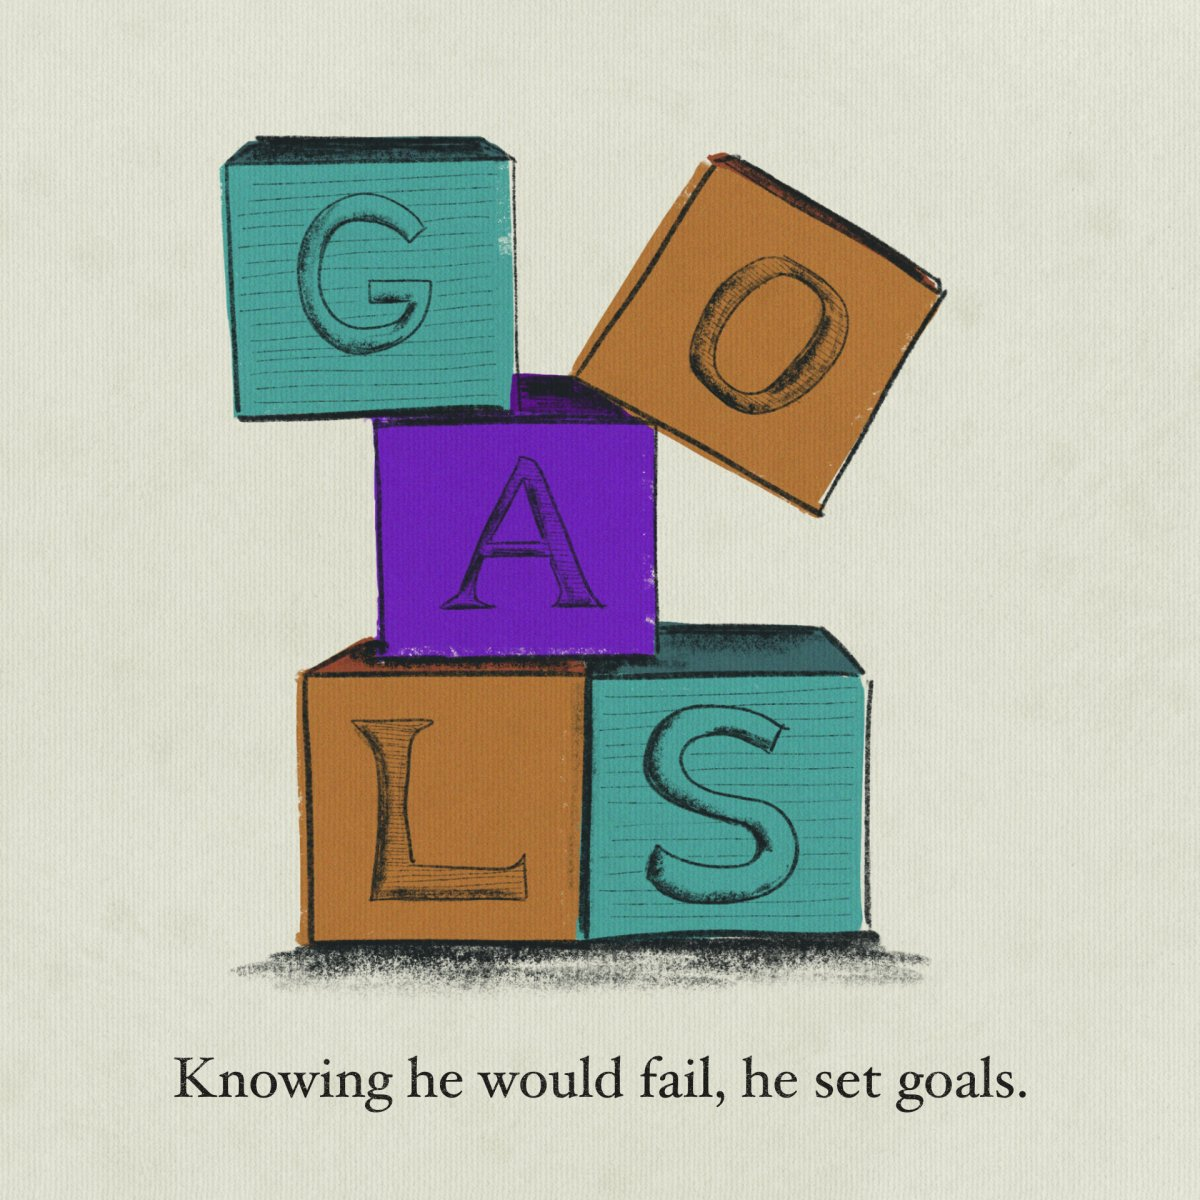 Day 2 - He set goals.jpg